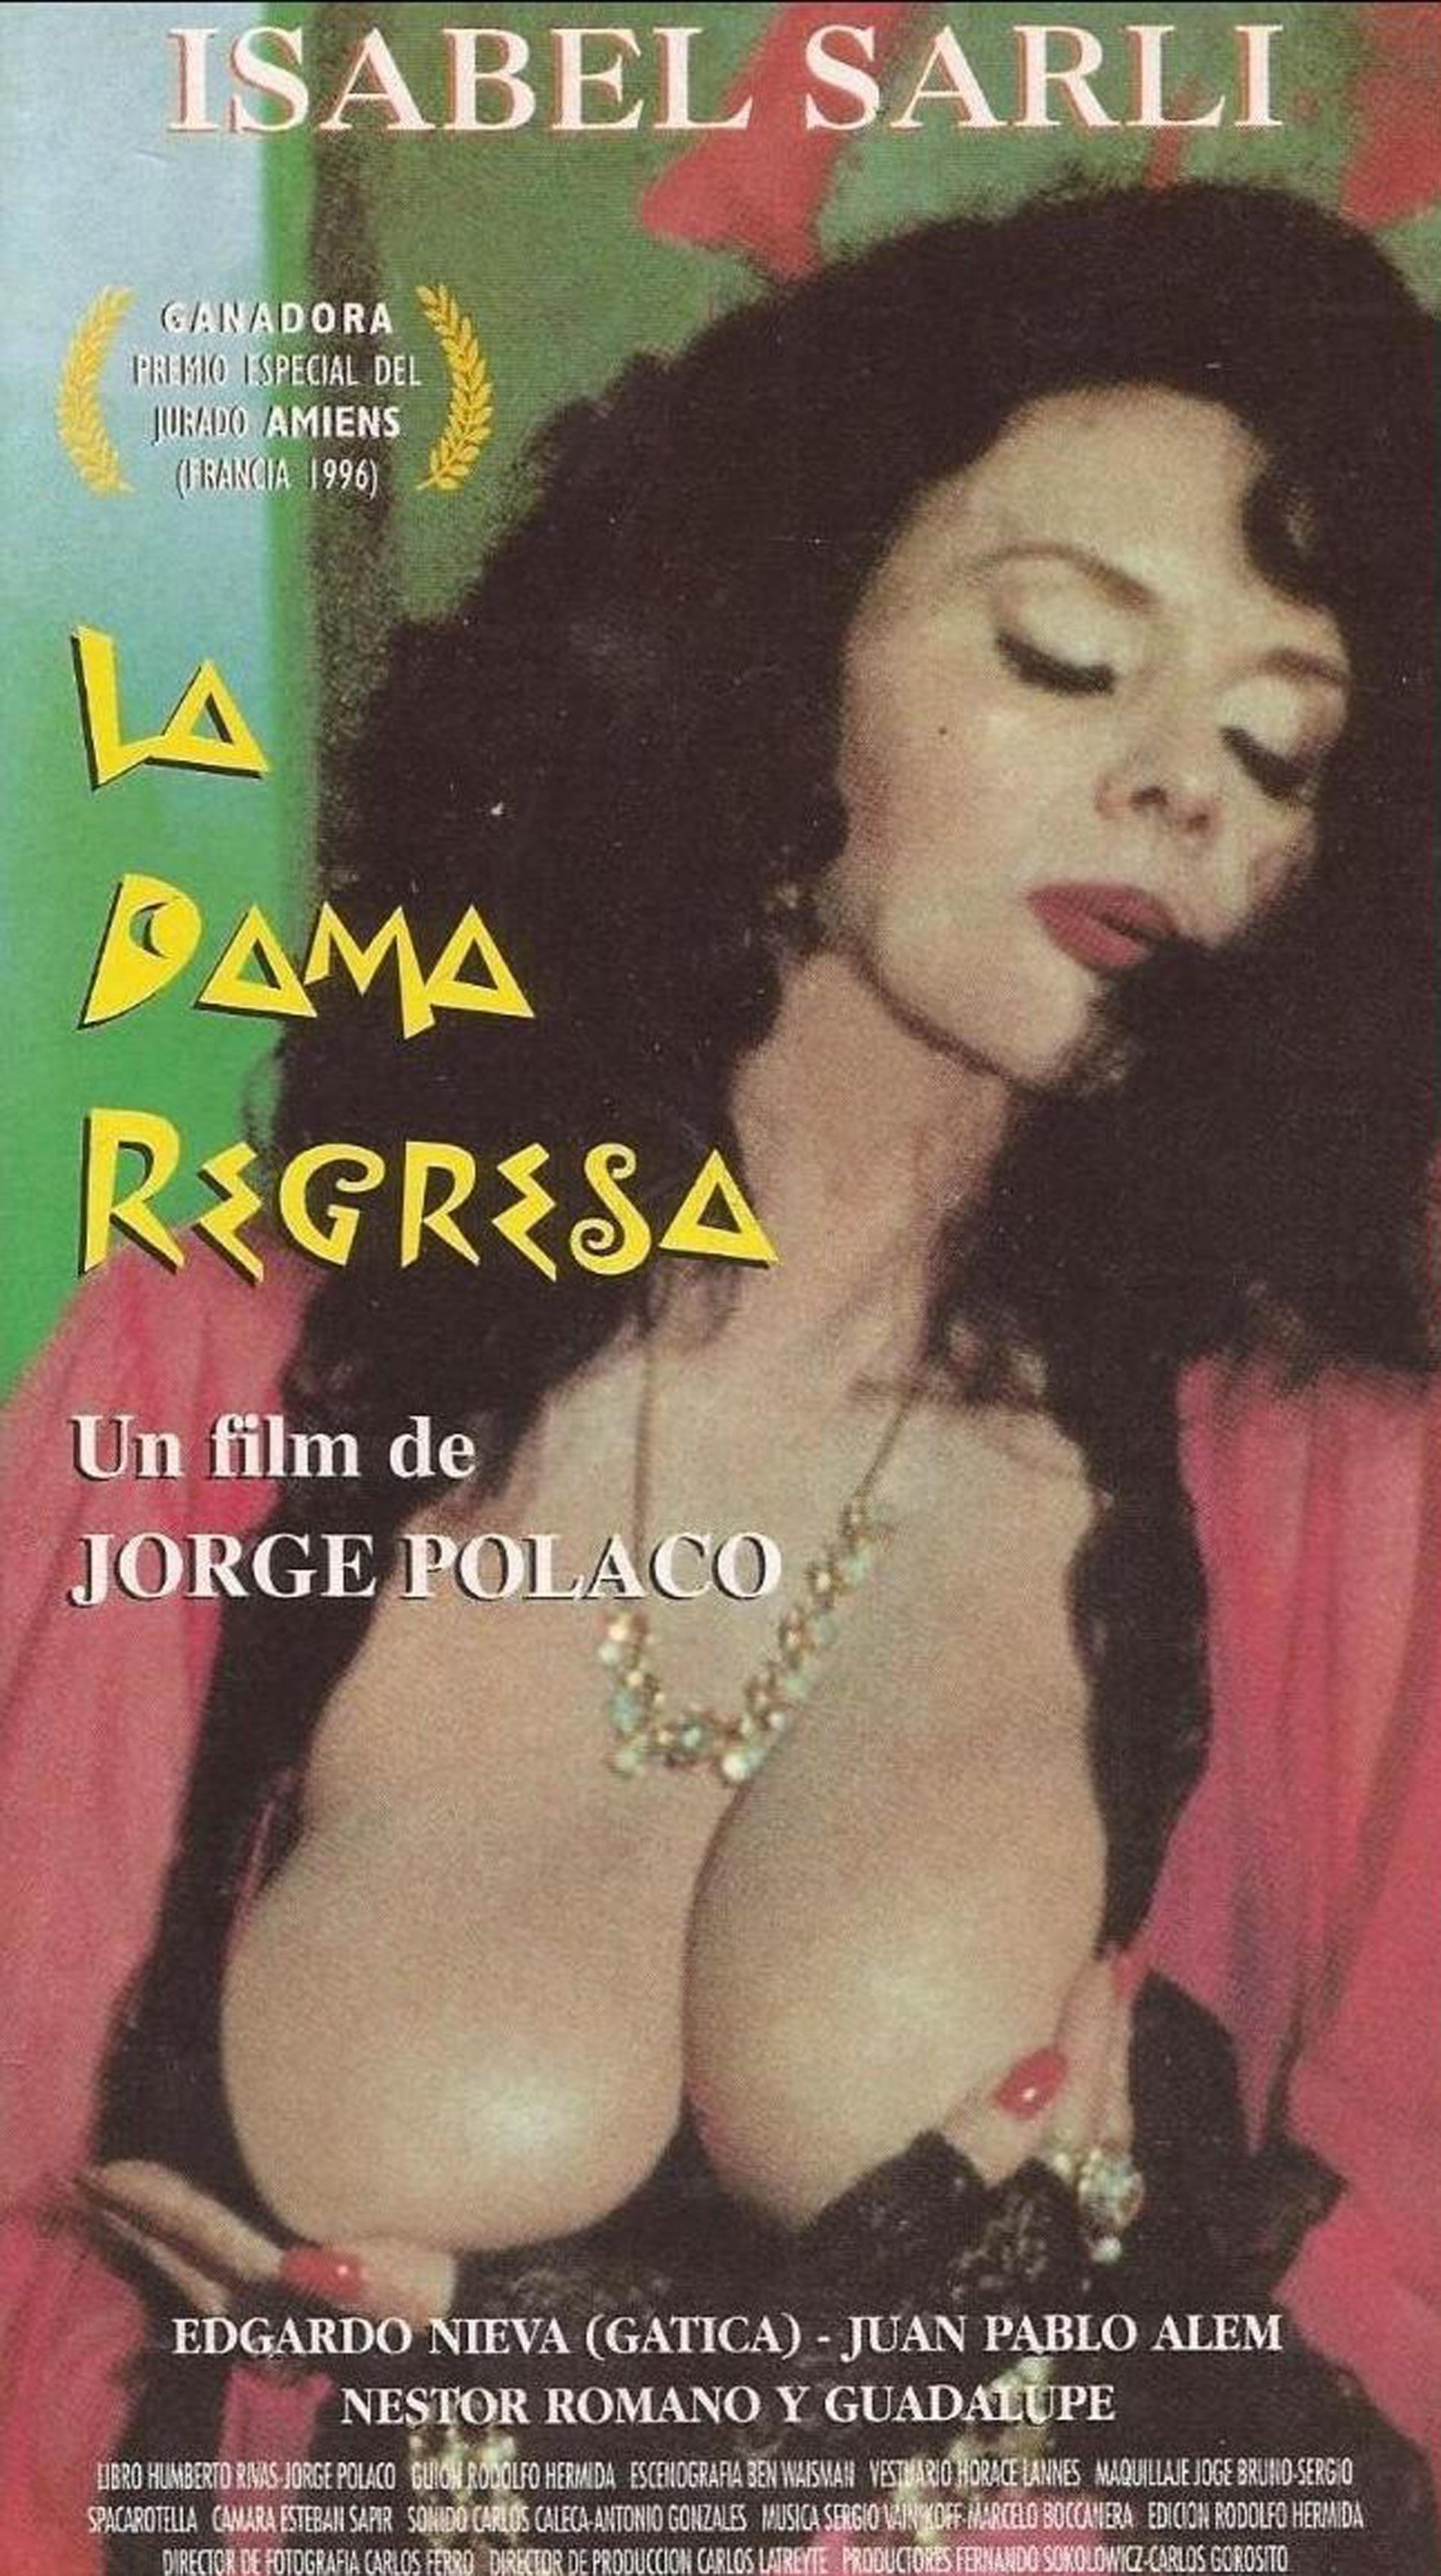 La dama regresa se estrenó en 1996 y significó el gran regreso de la Coca a la pantalla grande, con dirección de Jorge Polaco